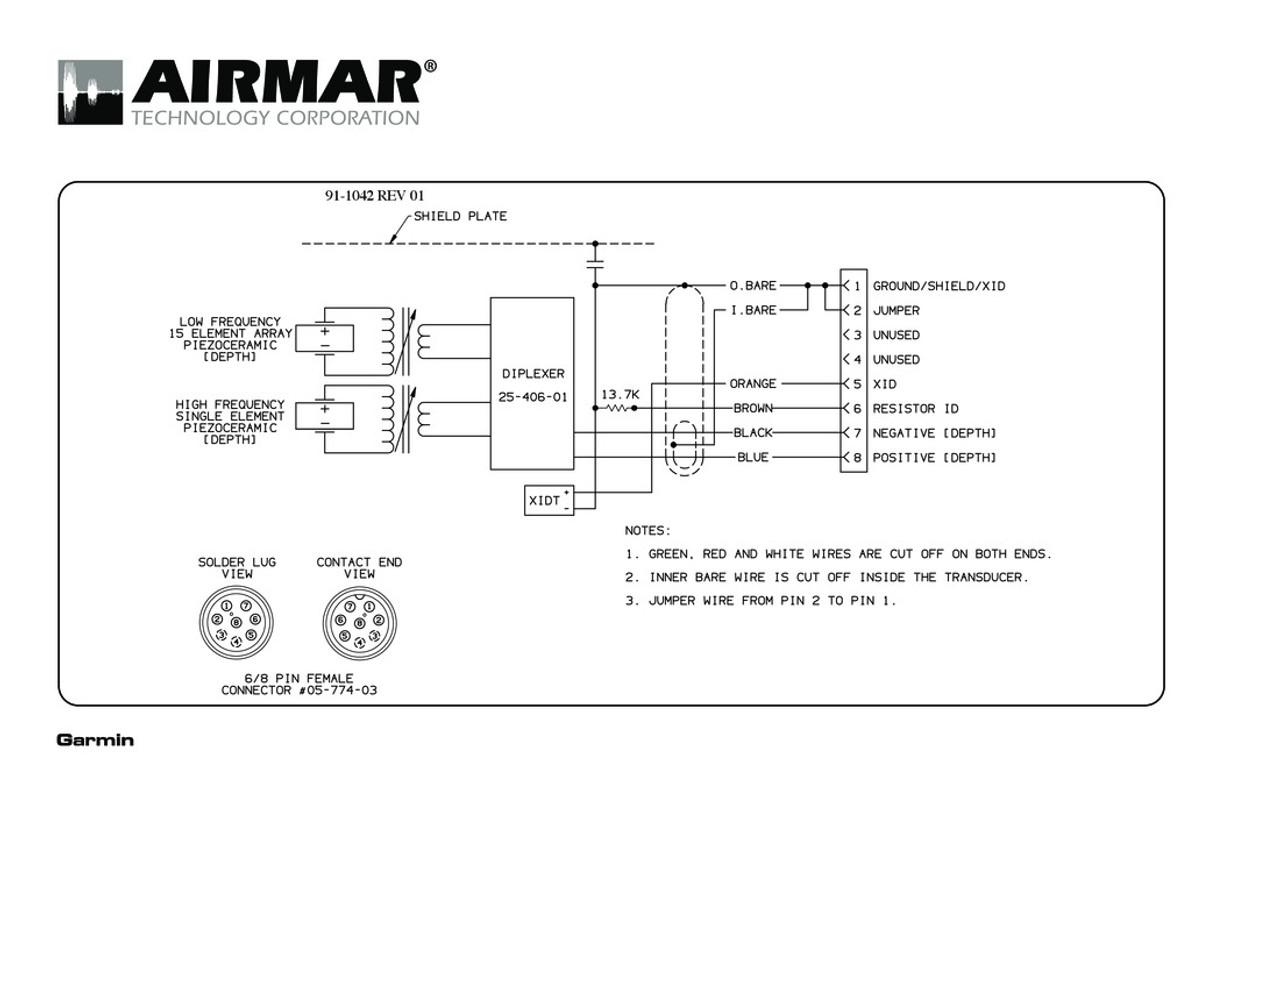 Airmar Wiring Diagram Garmin R199 8 Pin  D  T